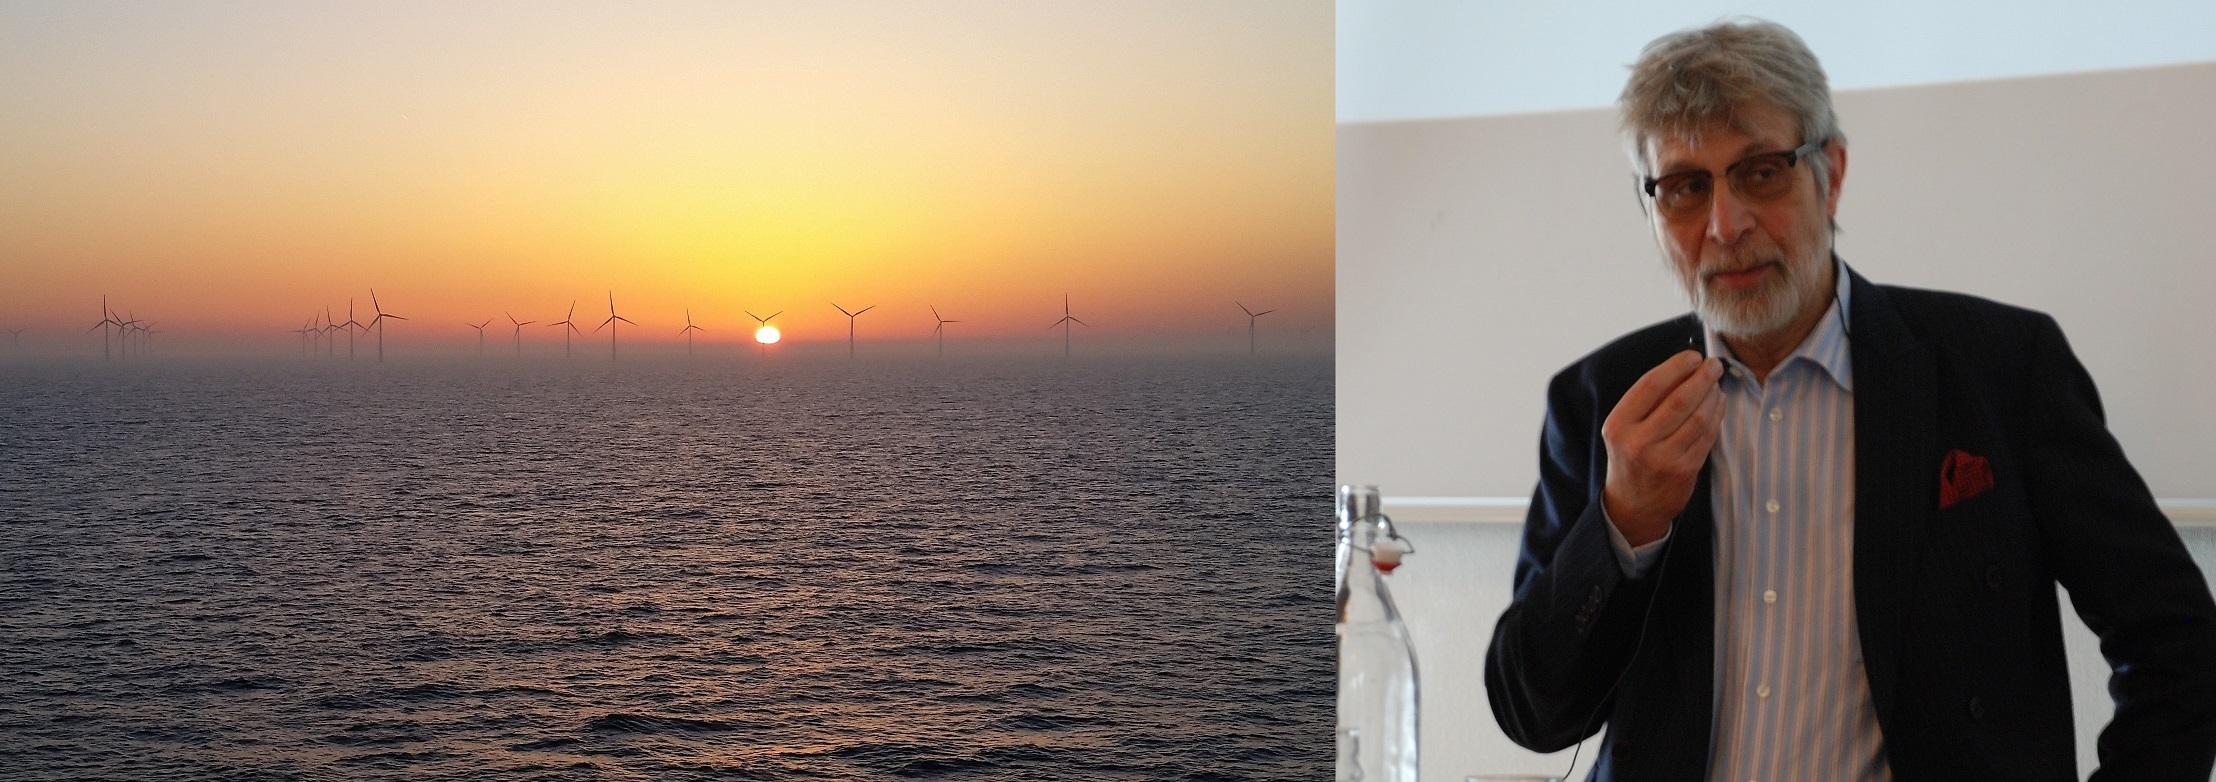 Vattenfalls vindkraftpark och Göran Loman